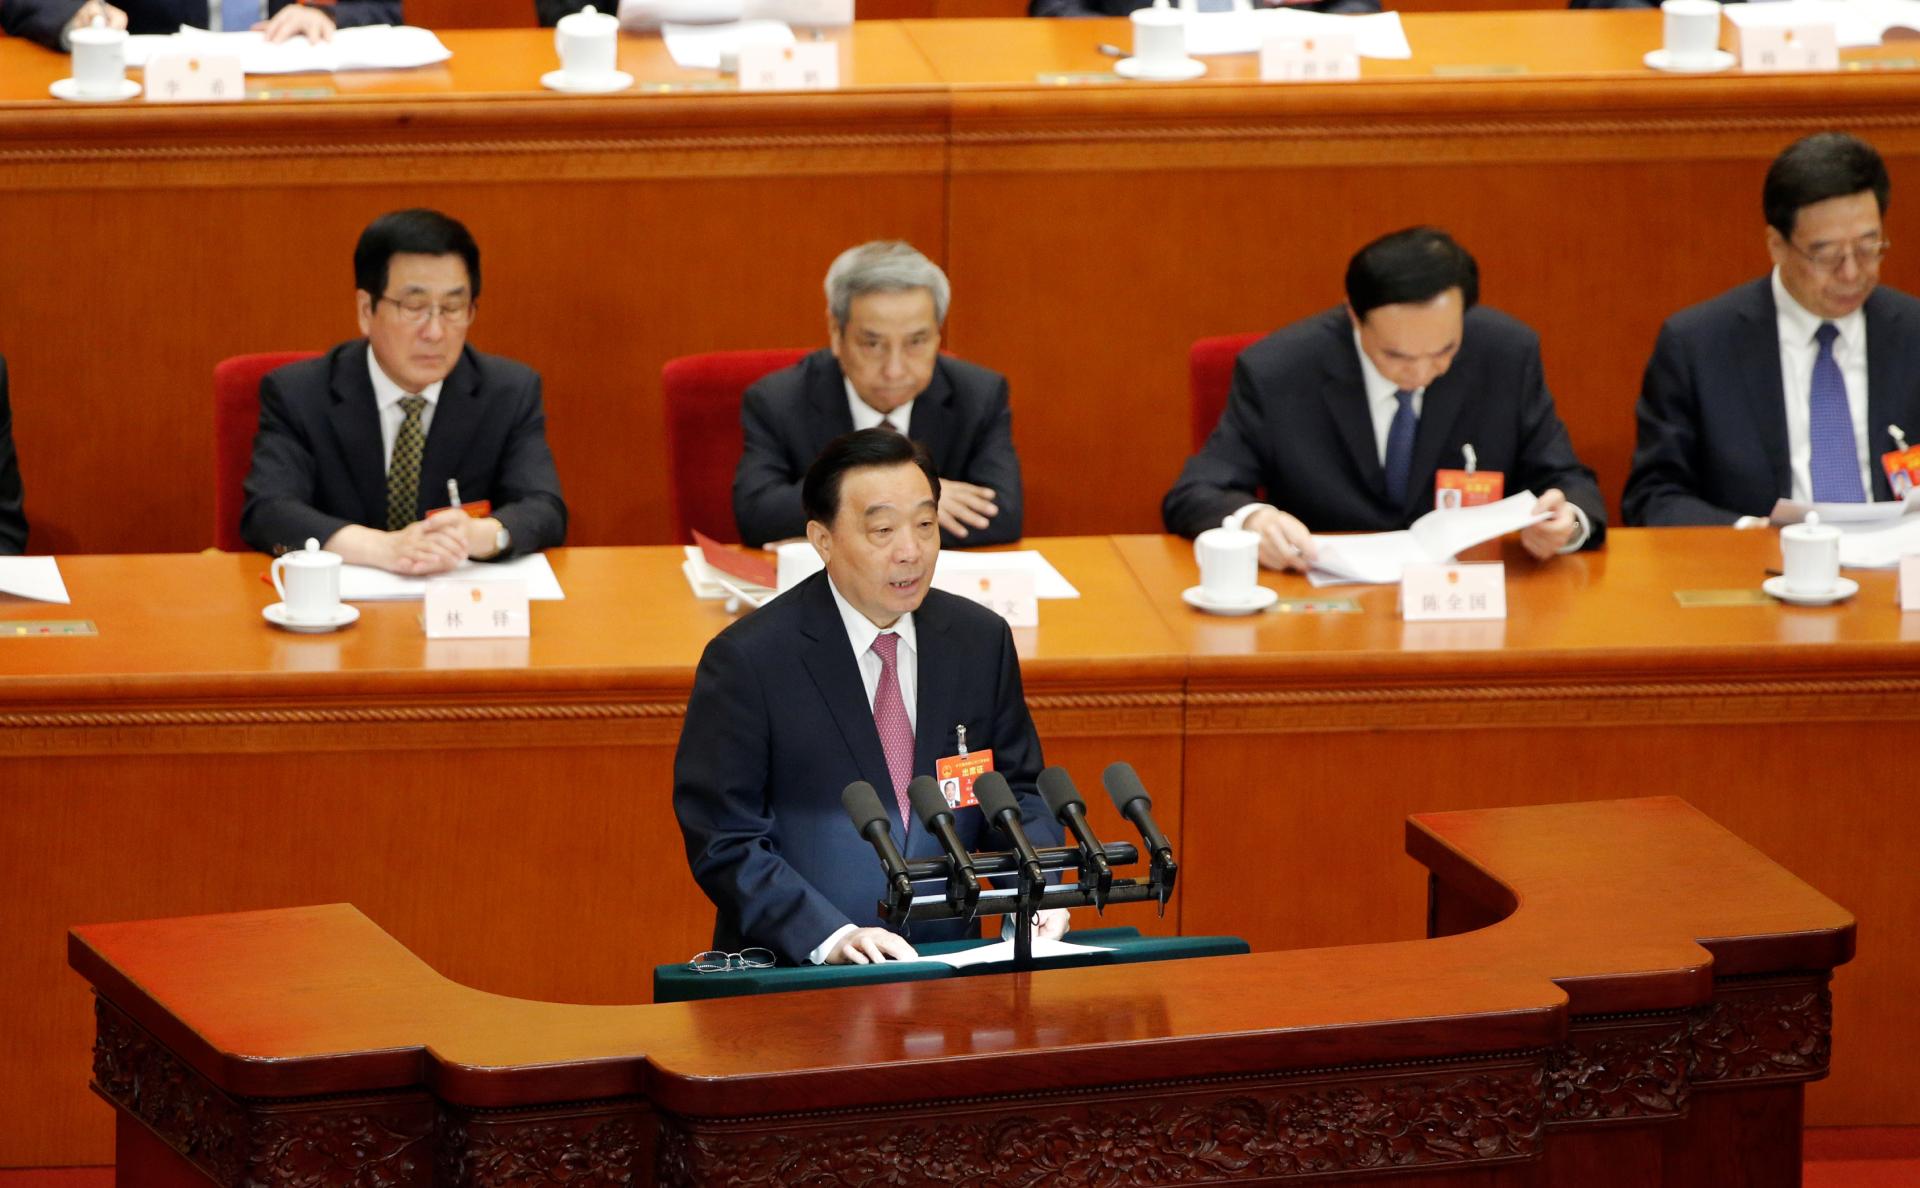 СМИ узнали о принятии парламентом КНР закона о нацбезопасности в Гонконге